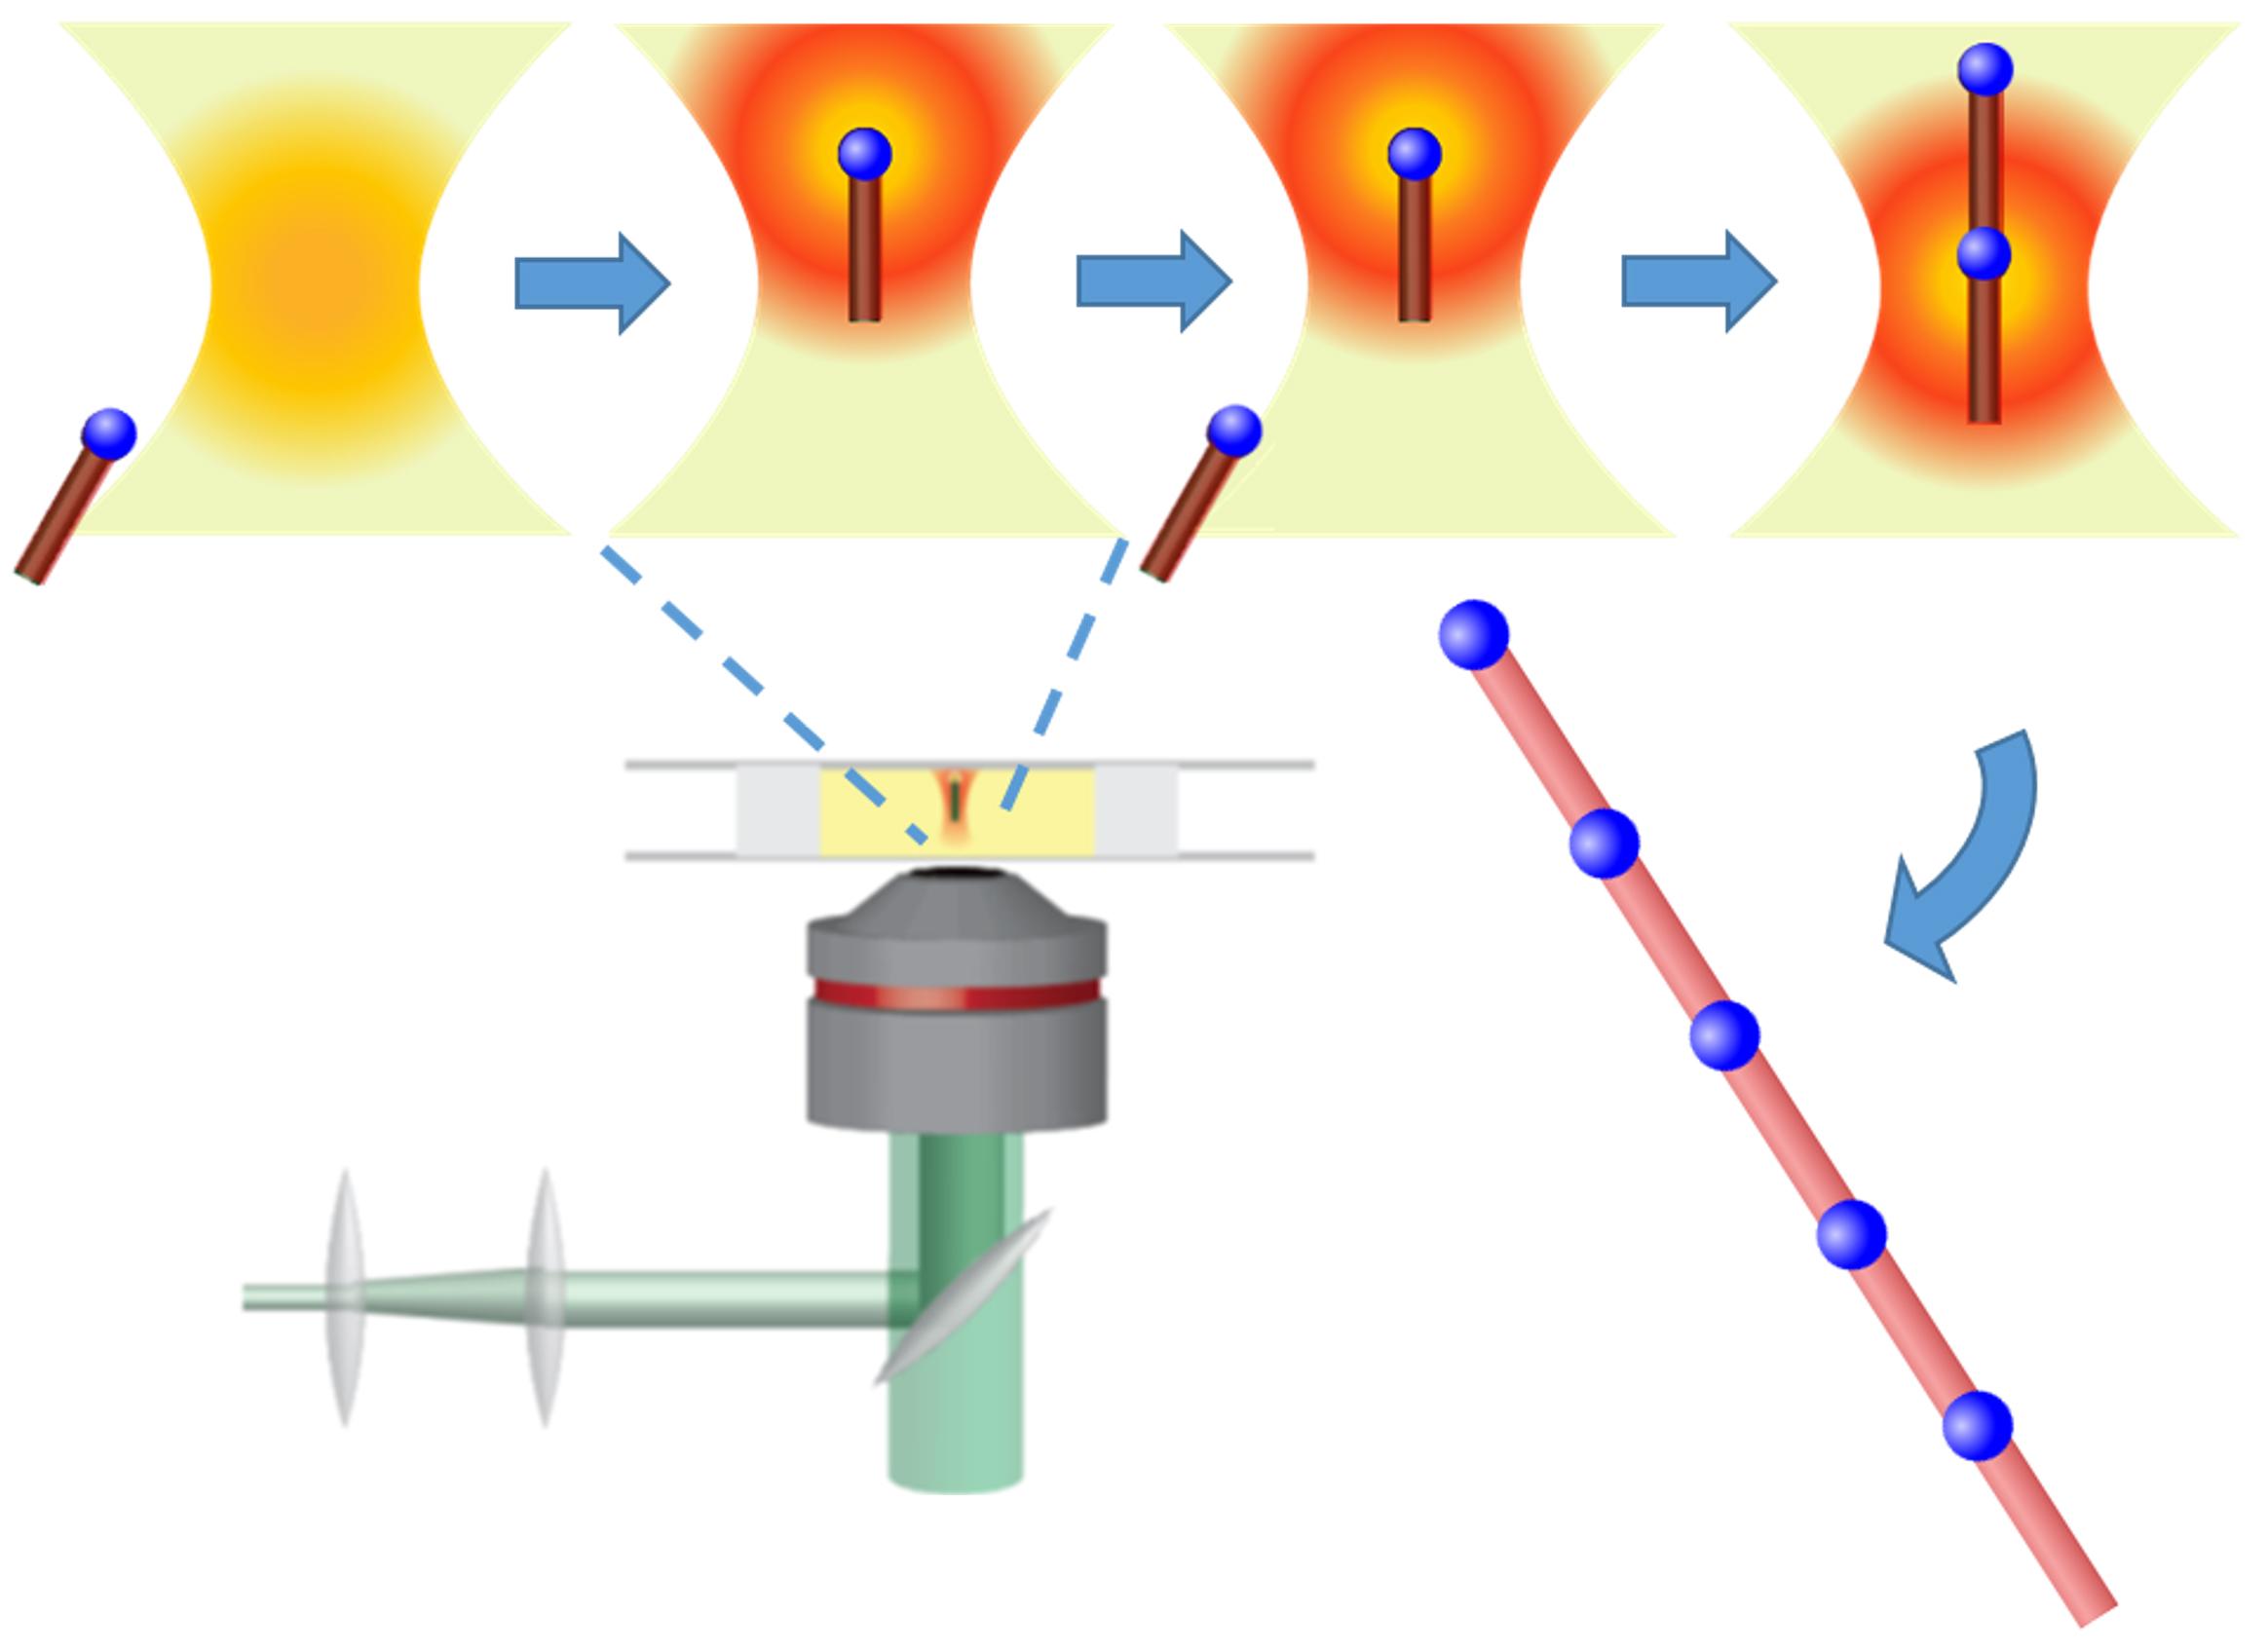 Постройка наноструктуры спомощью светового луча.